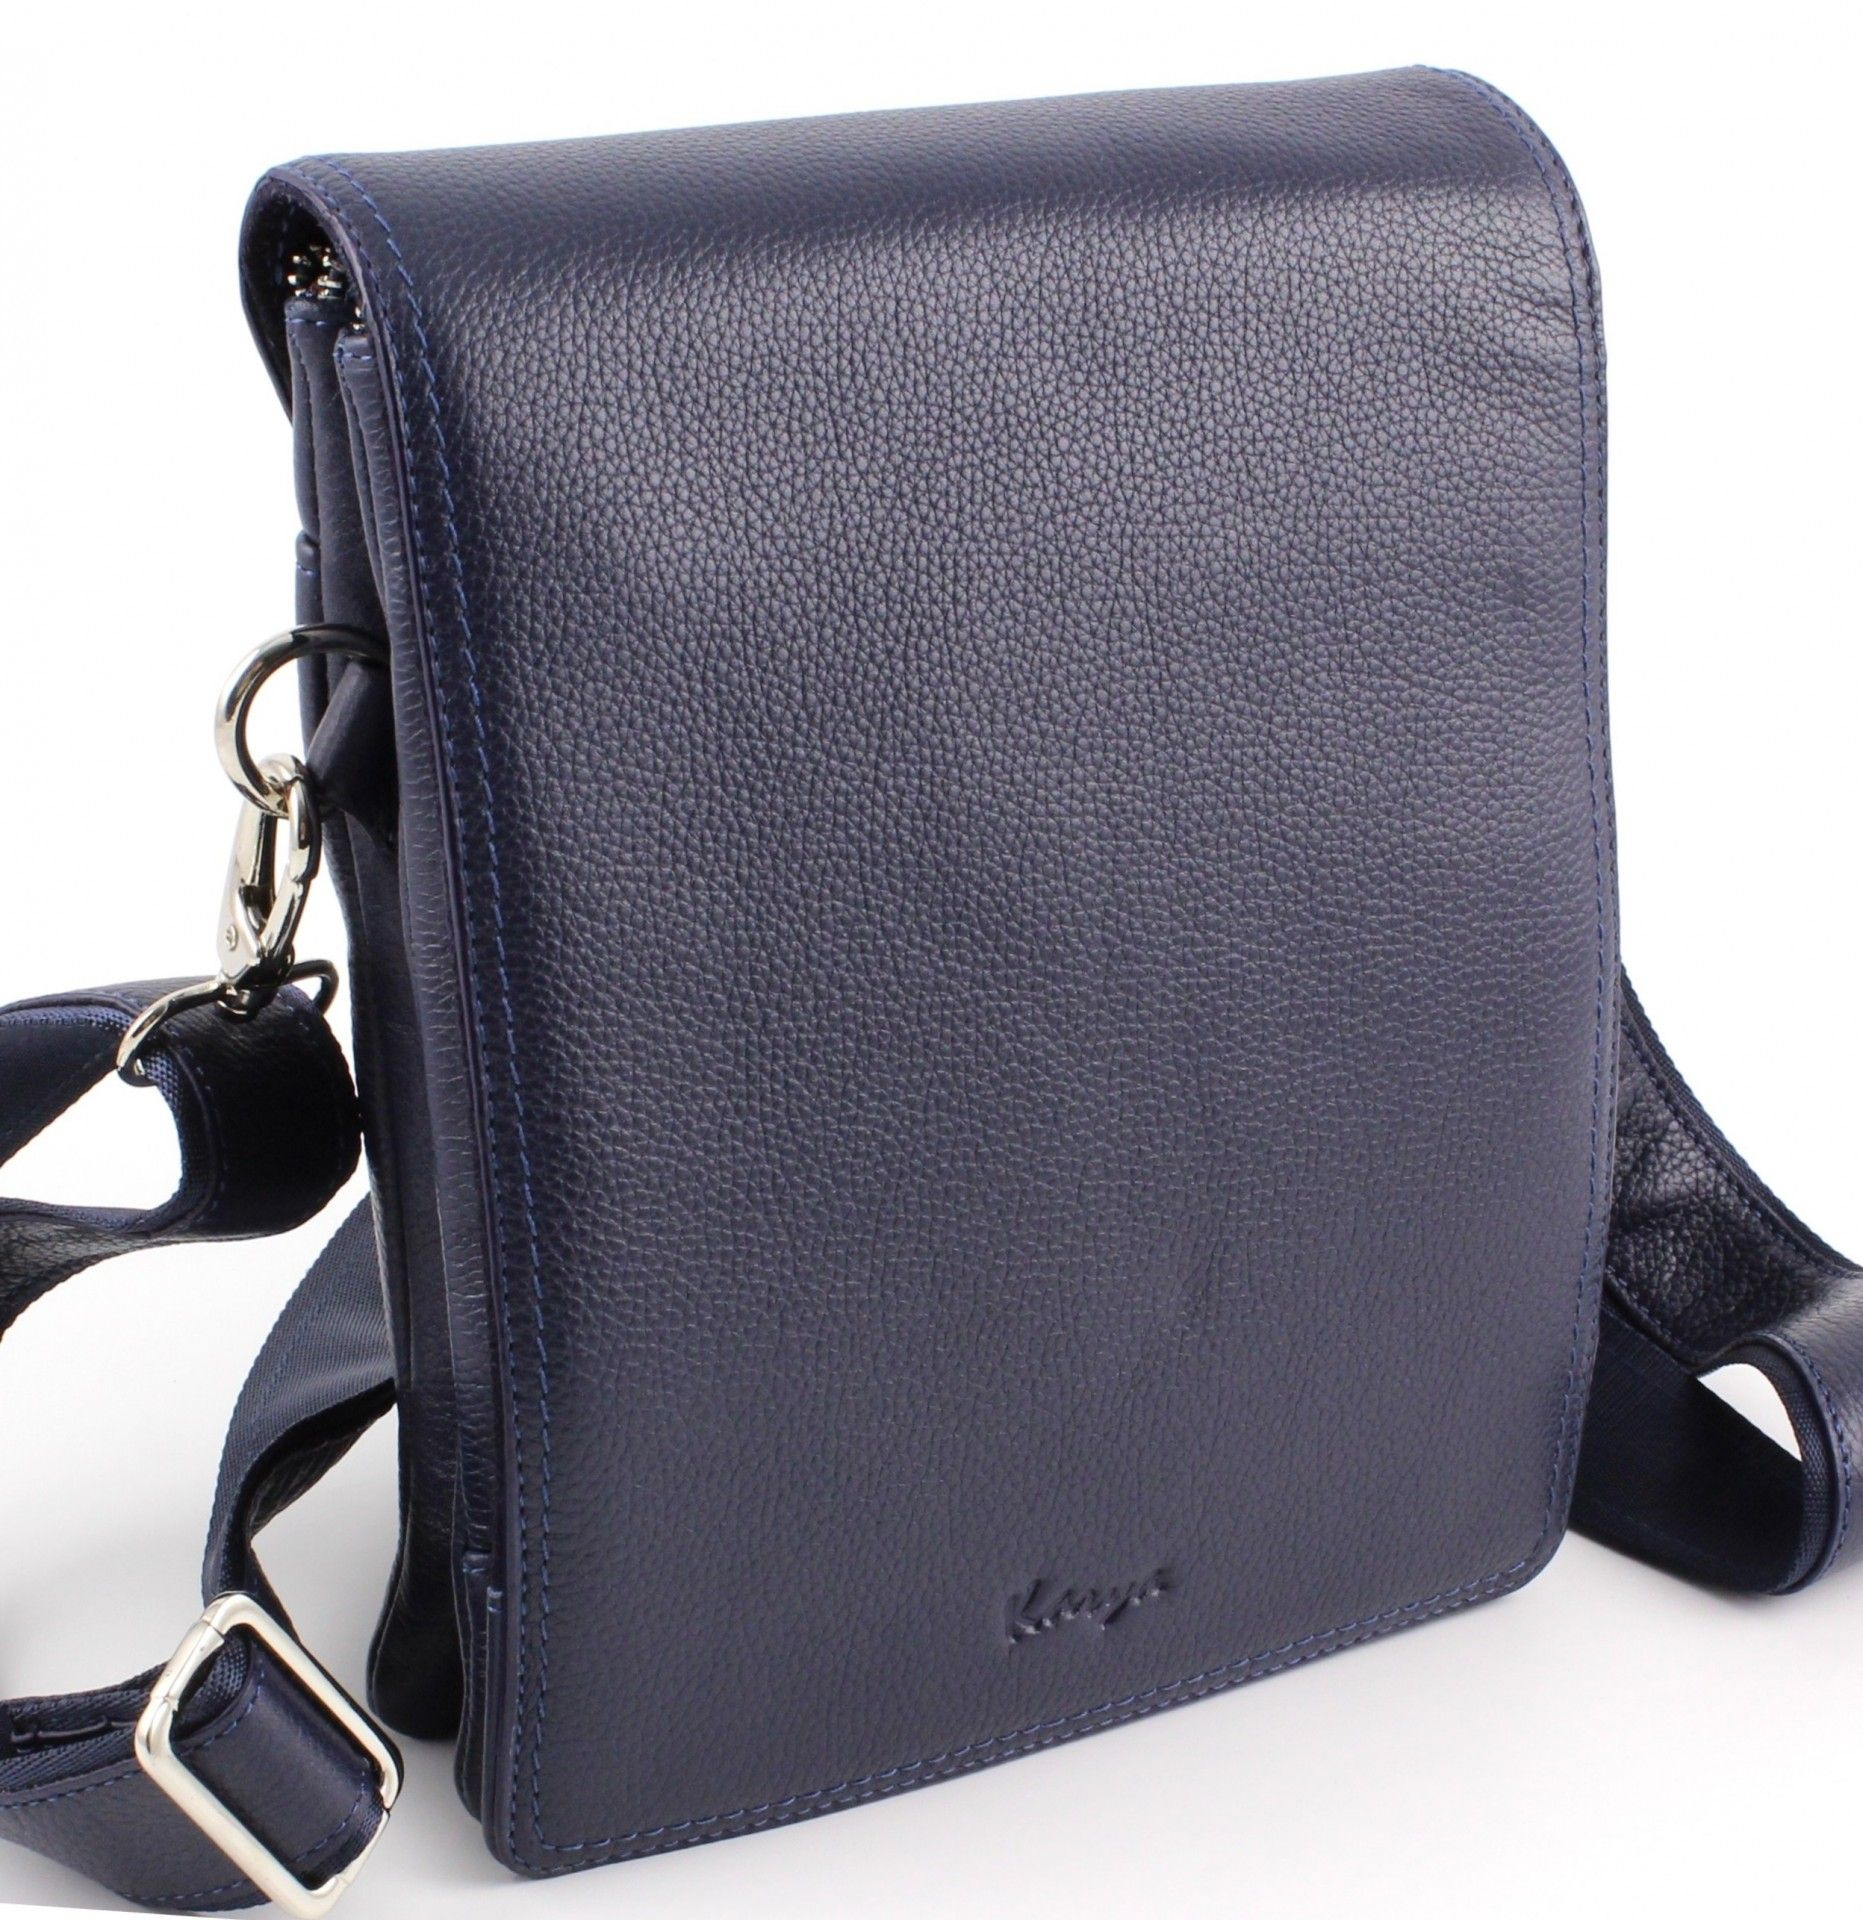 27d00dba3370 Мужская кожана сумка турецкого качества Karya - фирменные кожаные ...